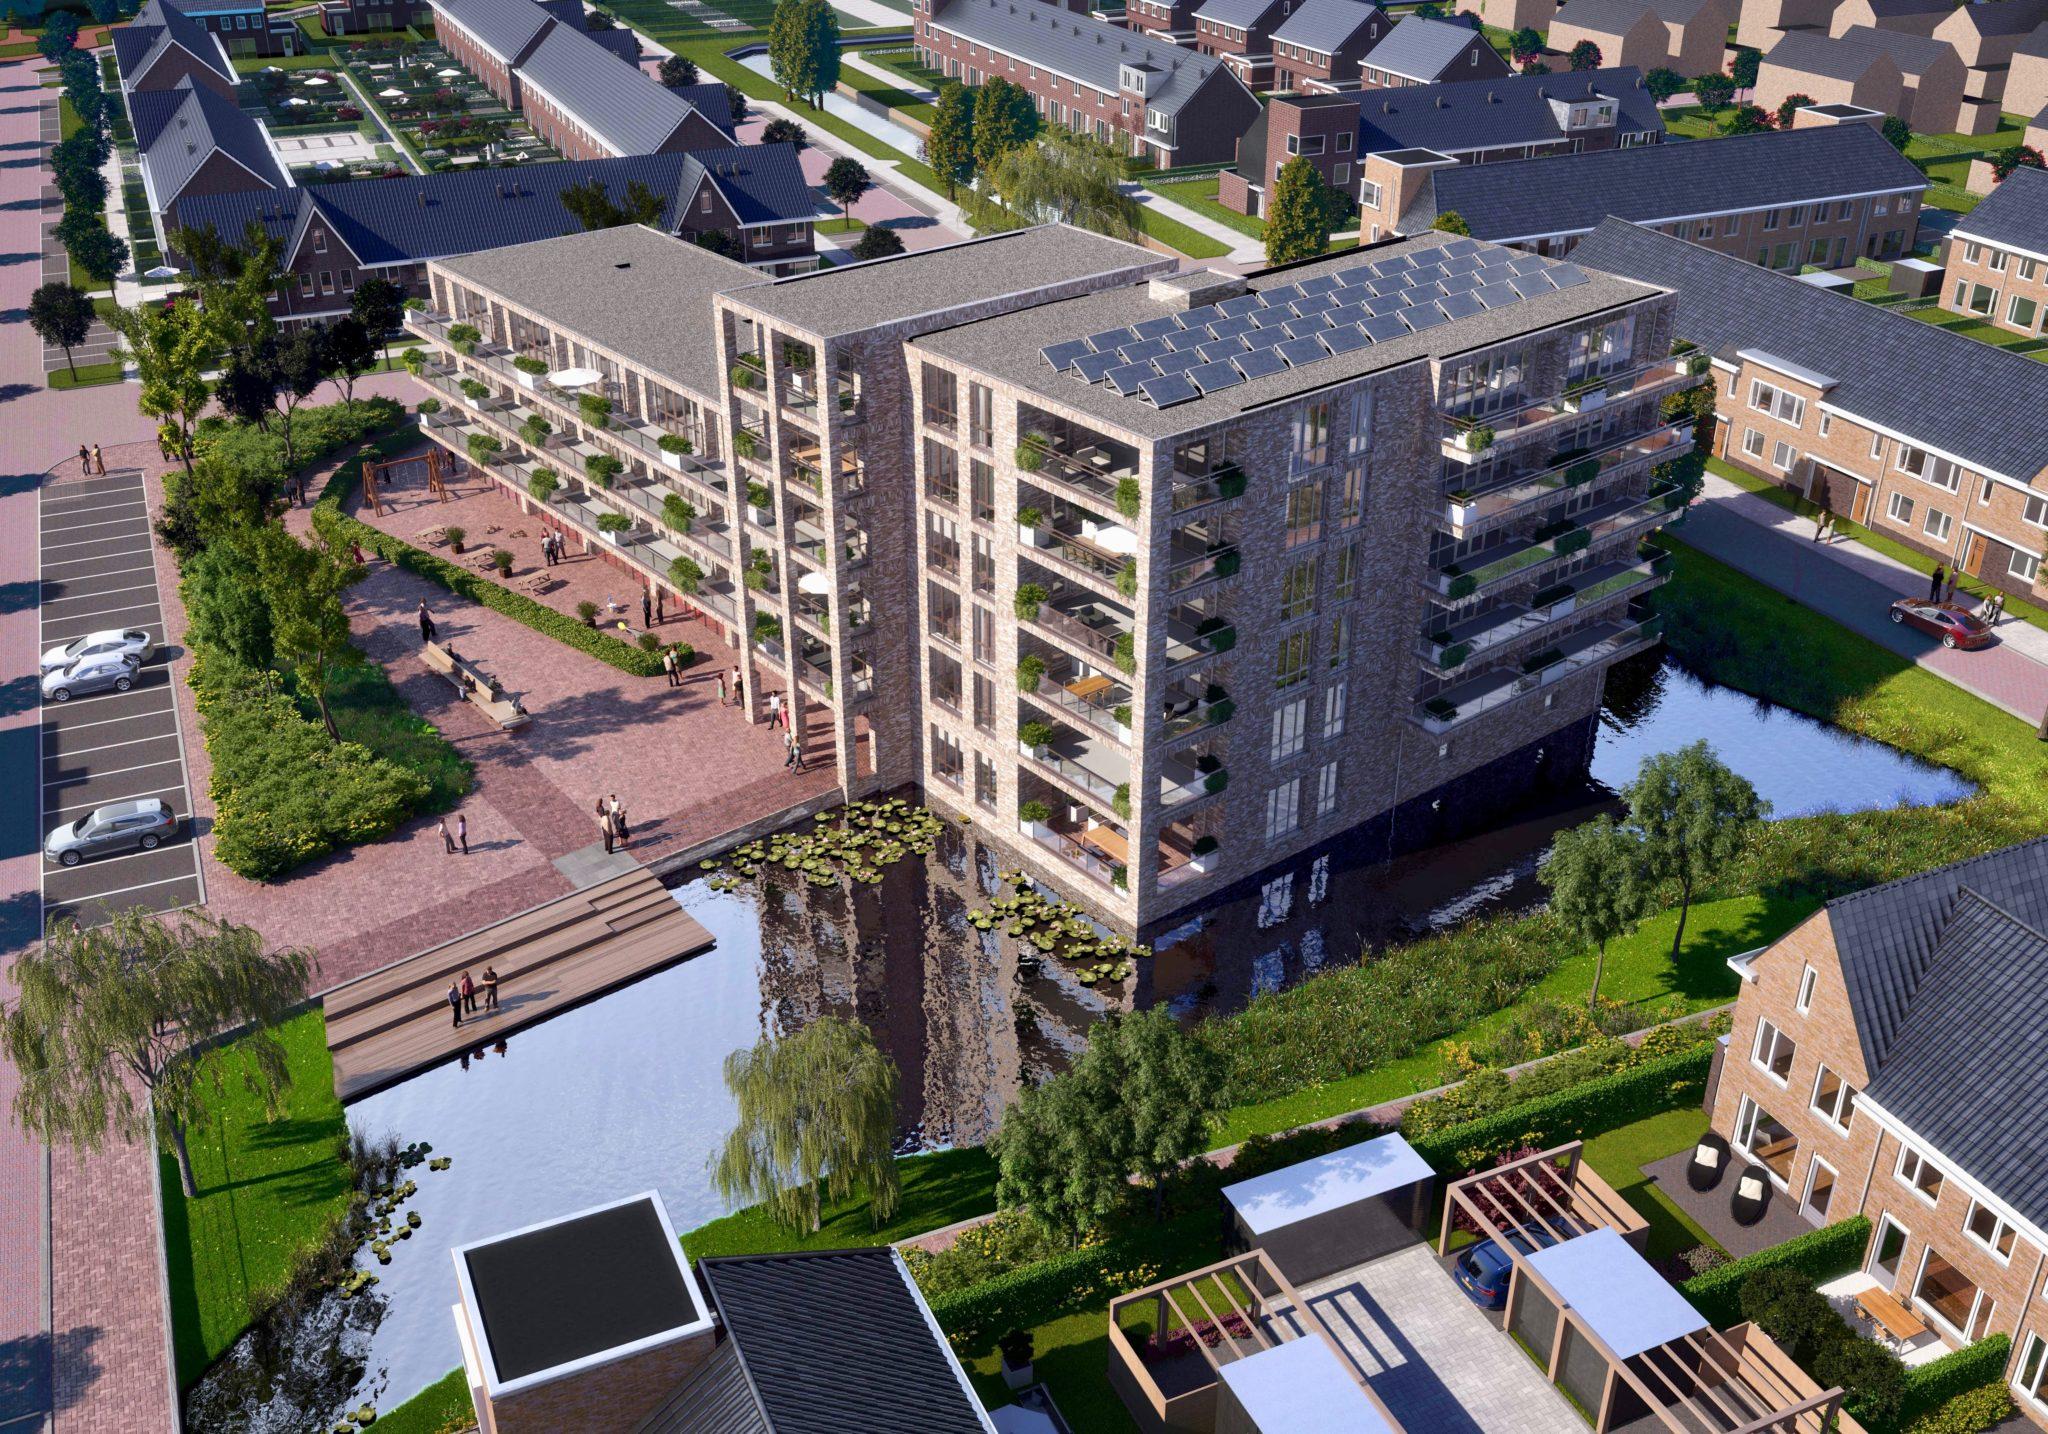 AM, Amvest en SDK Kinderopvang ondertekenen turnkey overeenkomst voor maatschappelijke ruimte project Wilgenkroon in Dordrecht